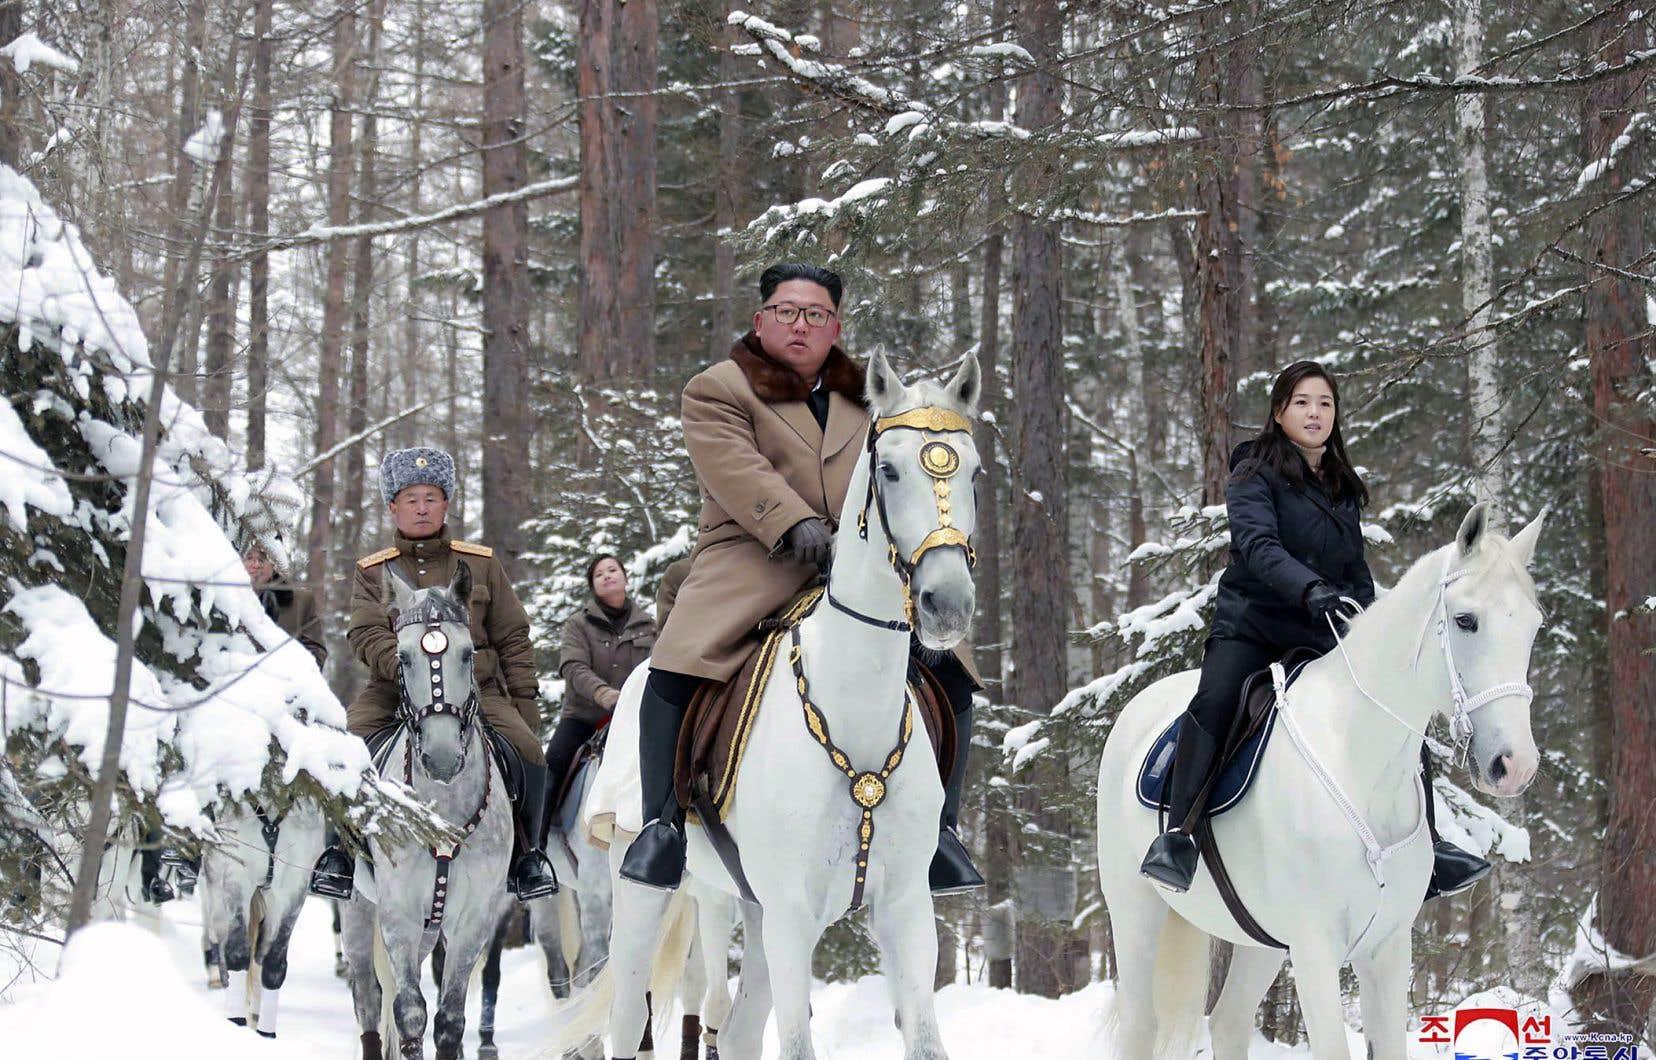 L'agence officielle nord-coréenne KCNA a diffusé, mercredi, des photos de Kim Jong-un à cheval dans la neige avec son épouse, Ri Sol-ju, et sa garde rapprochée.